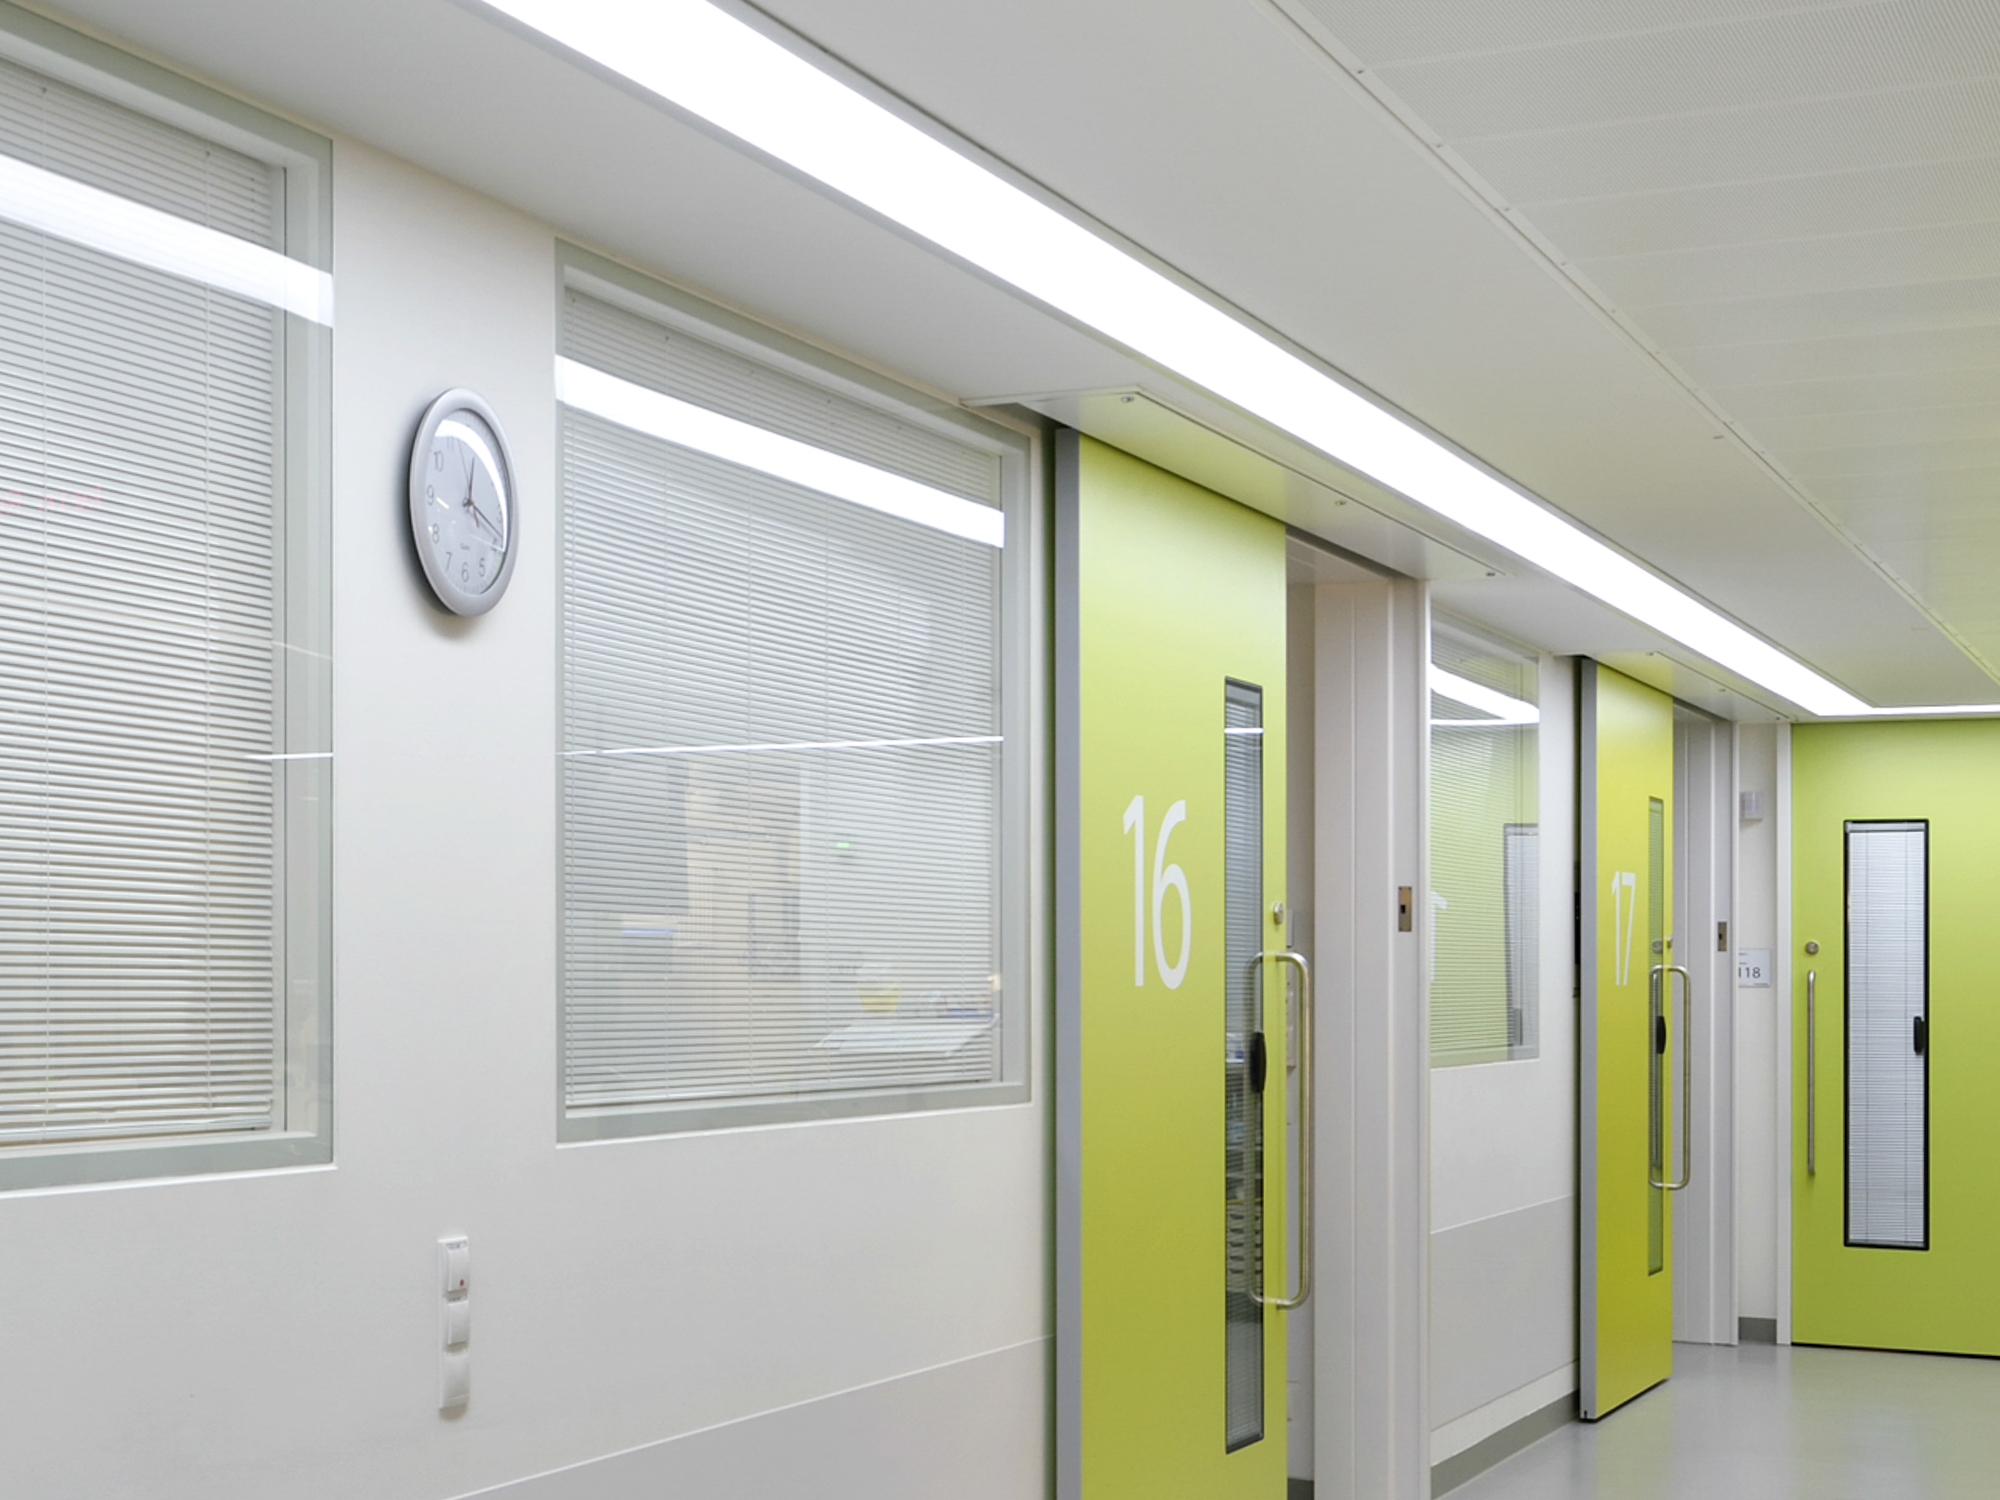 Mit eingebauter Sichtschutzjalousie eignet sich Planline perfekt als Fertigfenster für Kliniken.